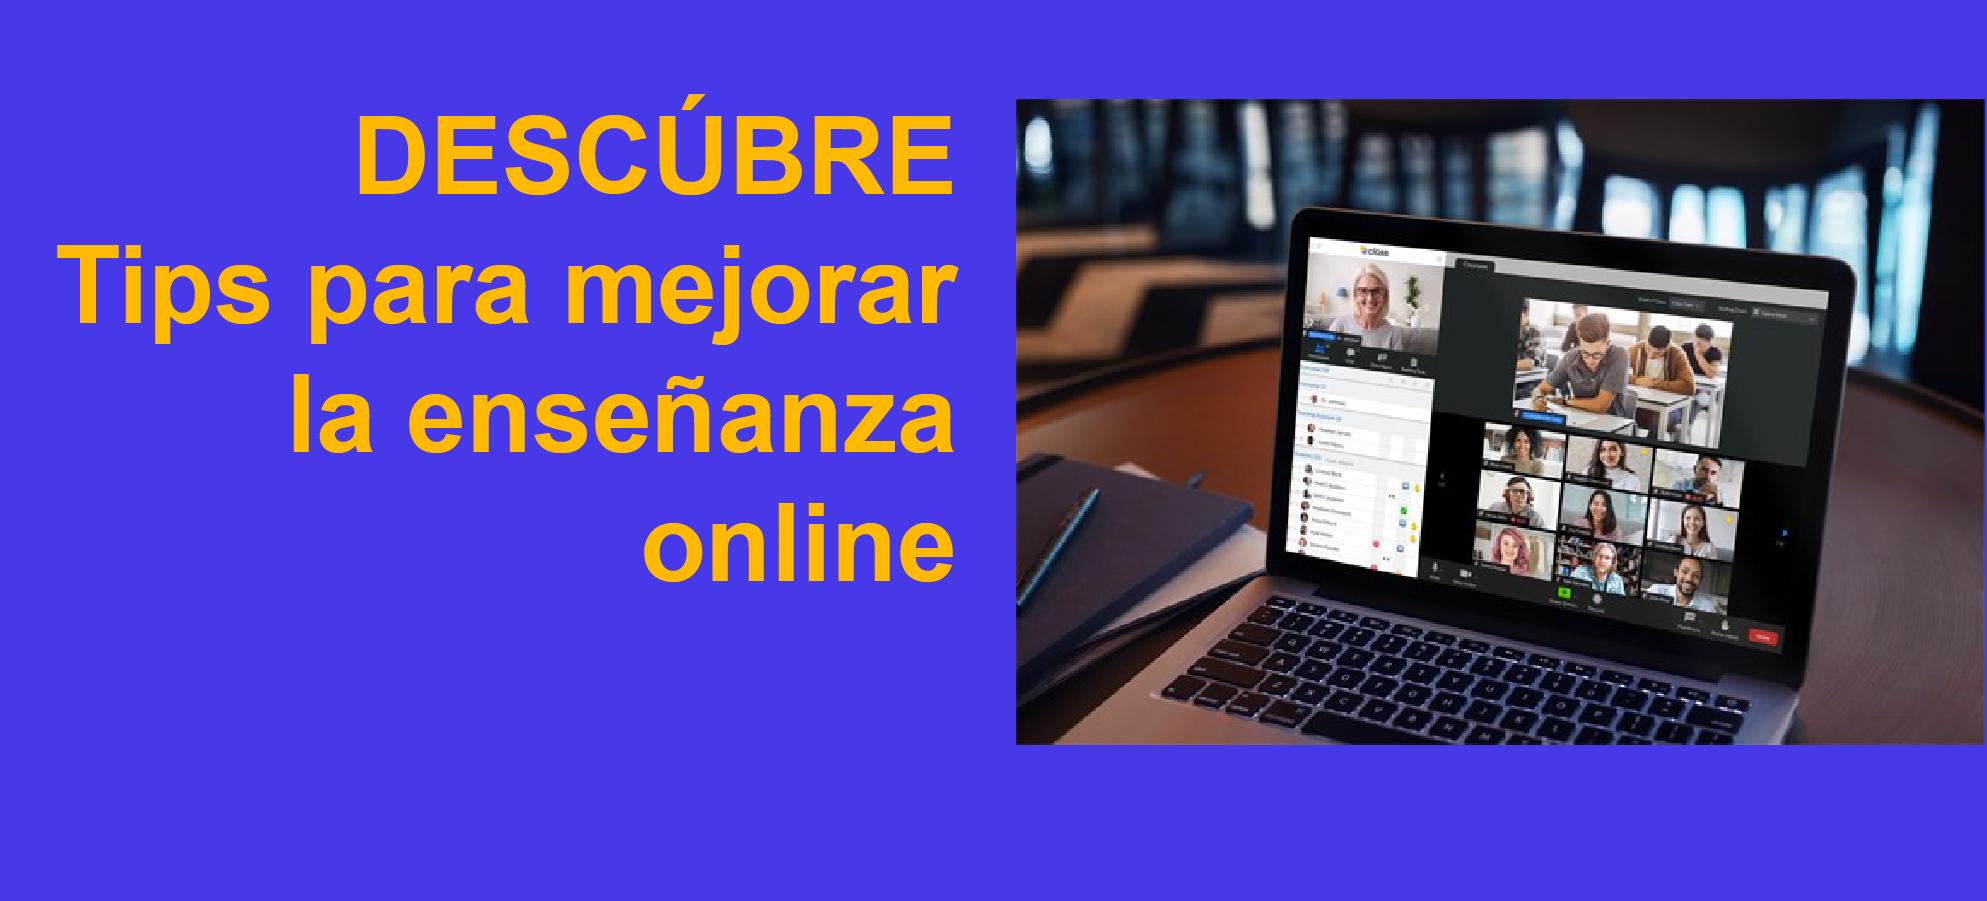 Class, Zoom, Solvico, herramientas de enseñanza online